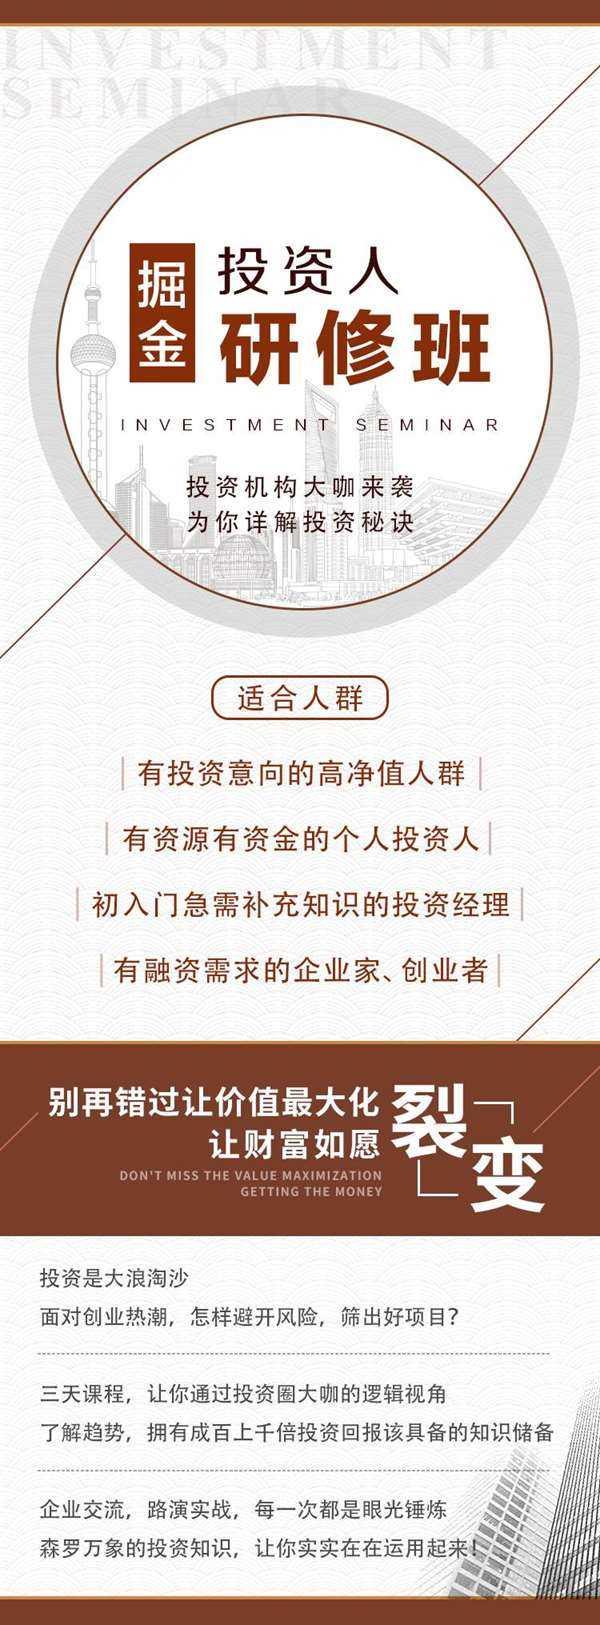 上海投资人研修班初案1.jpg